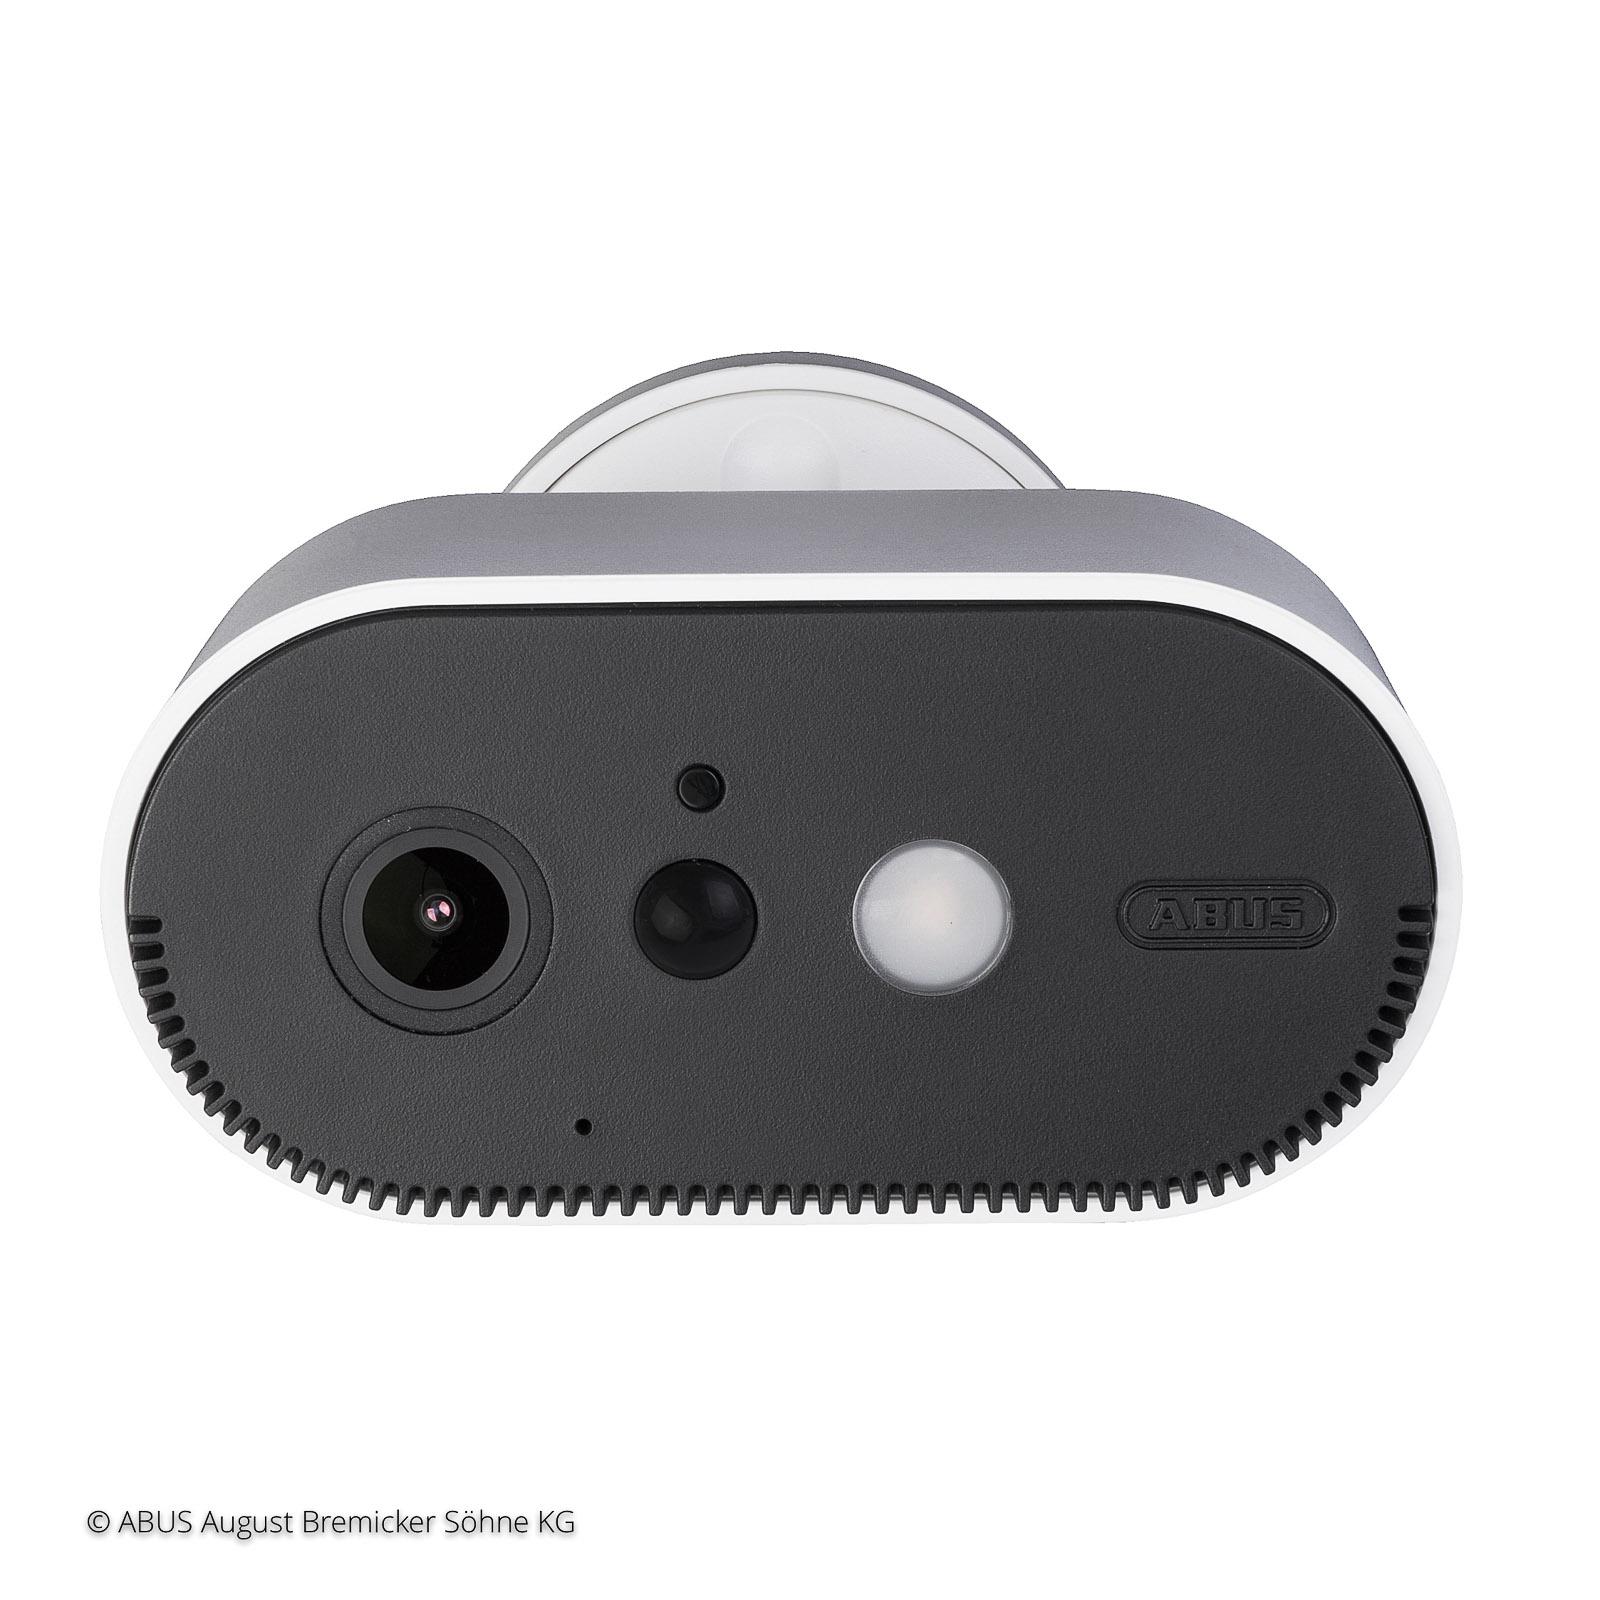 ABUS batterie caméra surveillance station WIFI